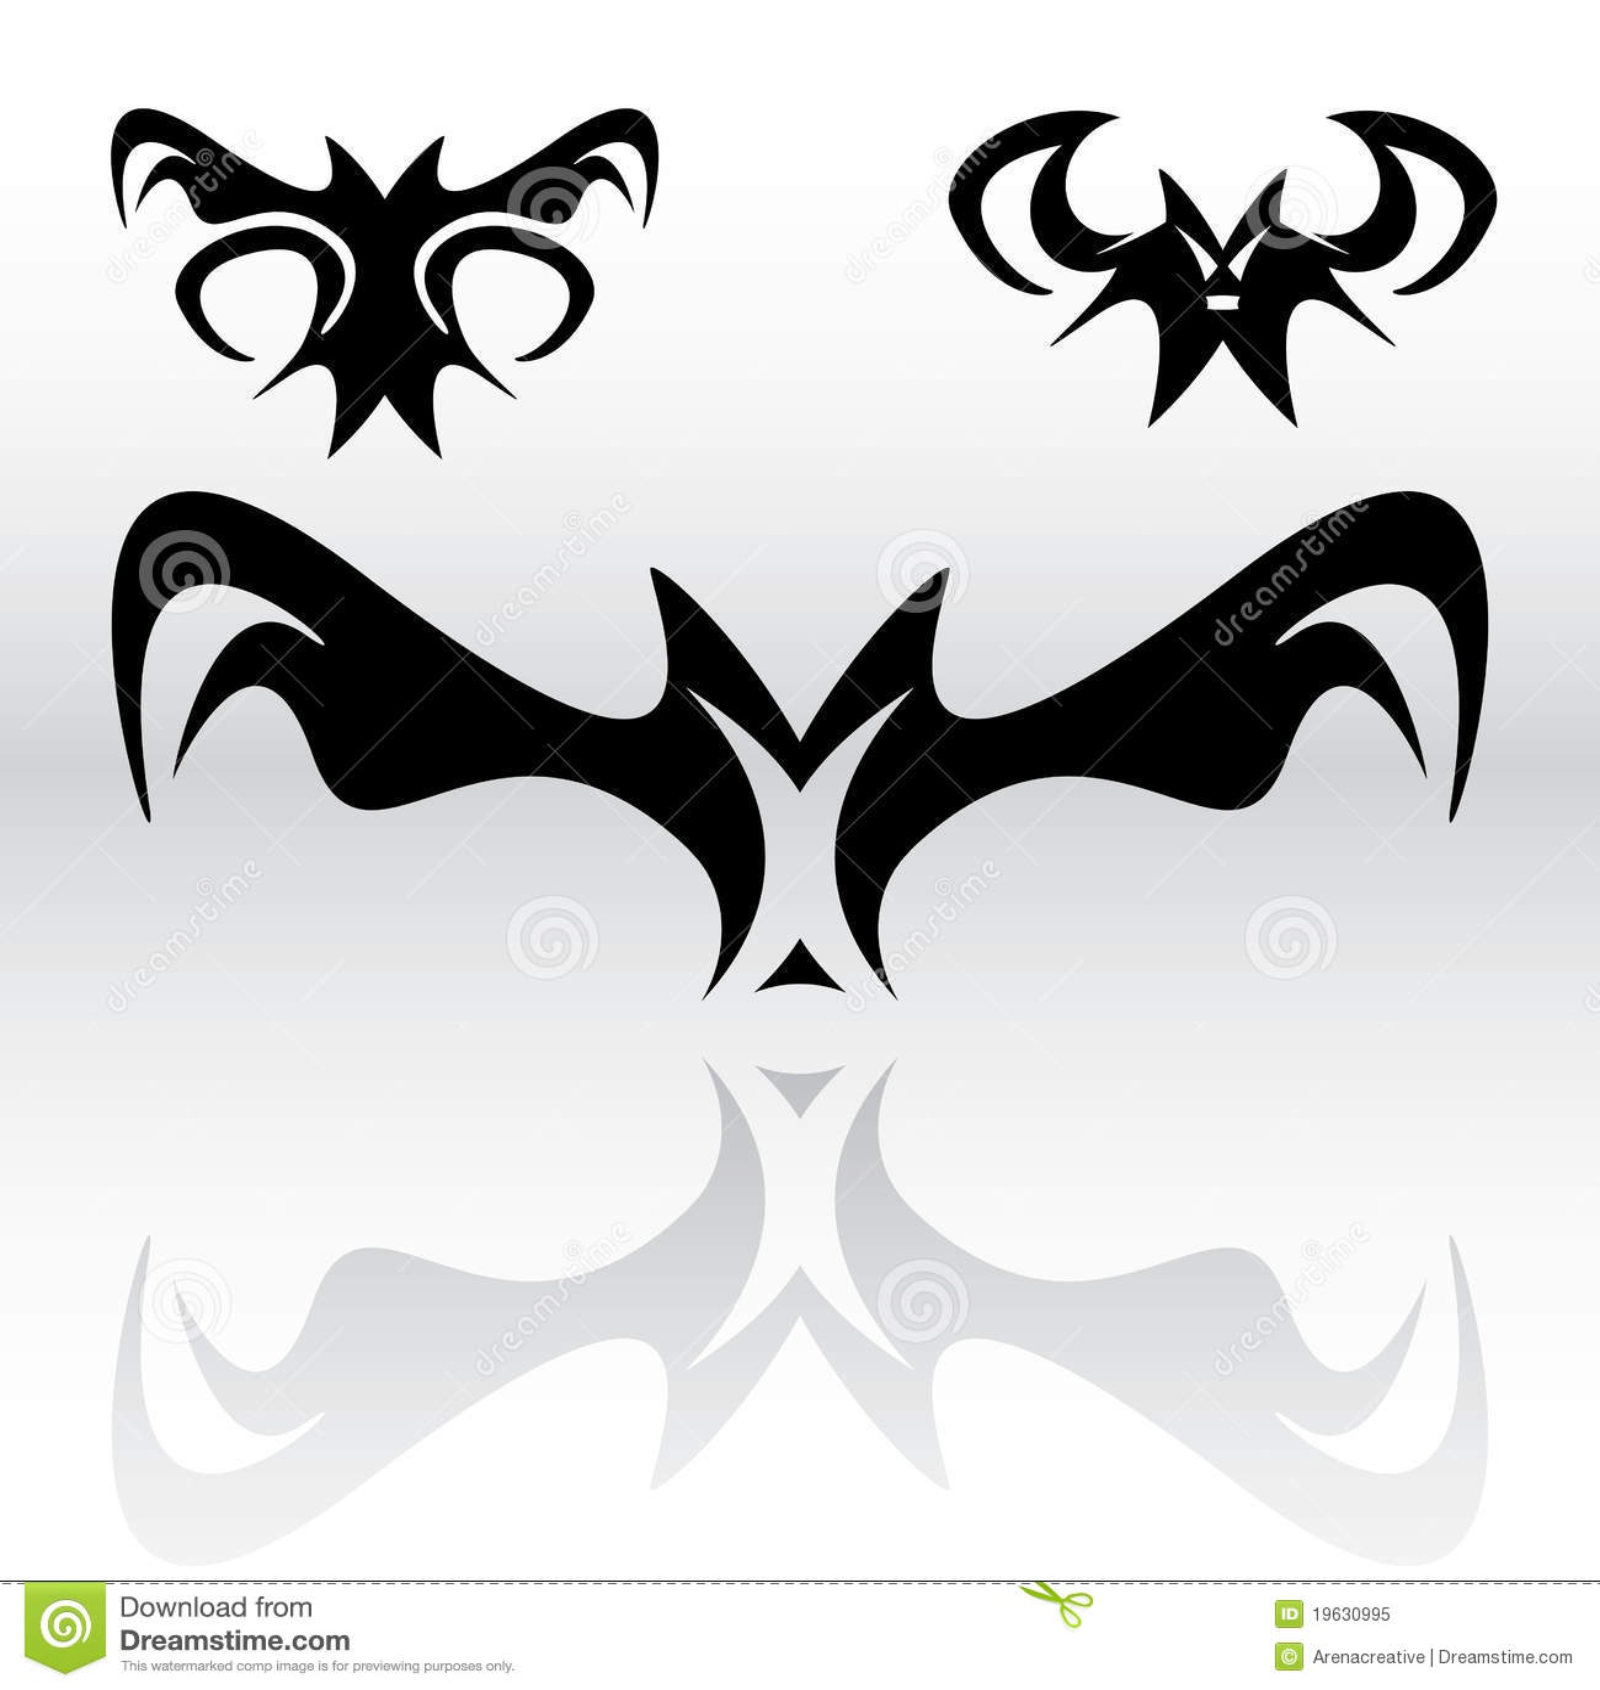 hight resolution of vampire bats clipart